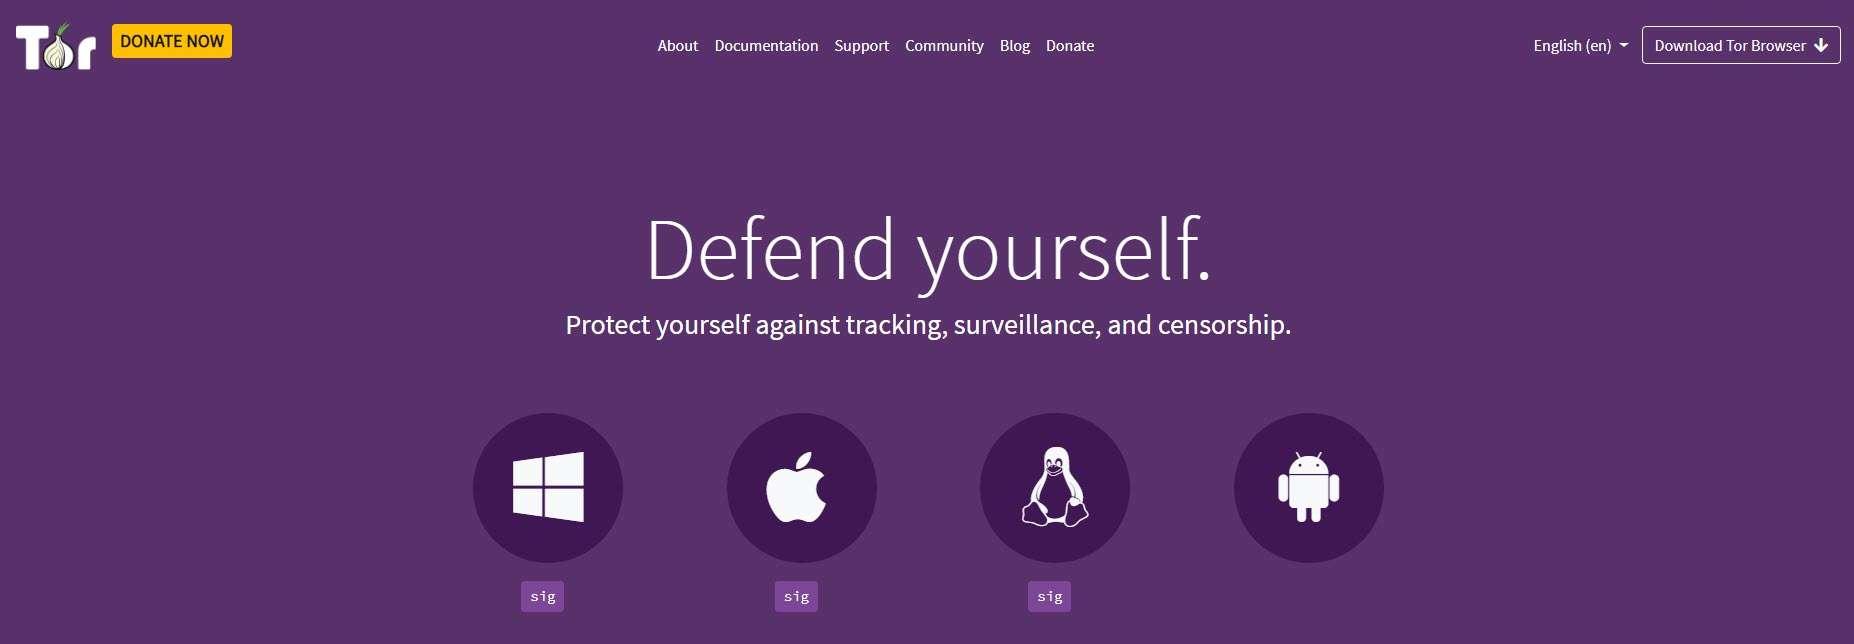 Tor es una herramienta que te permite acceder a sitios bloqueados y navegar por la web de forma anónima y encriptada